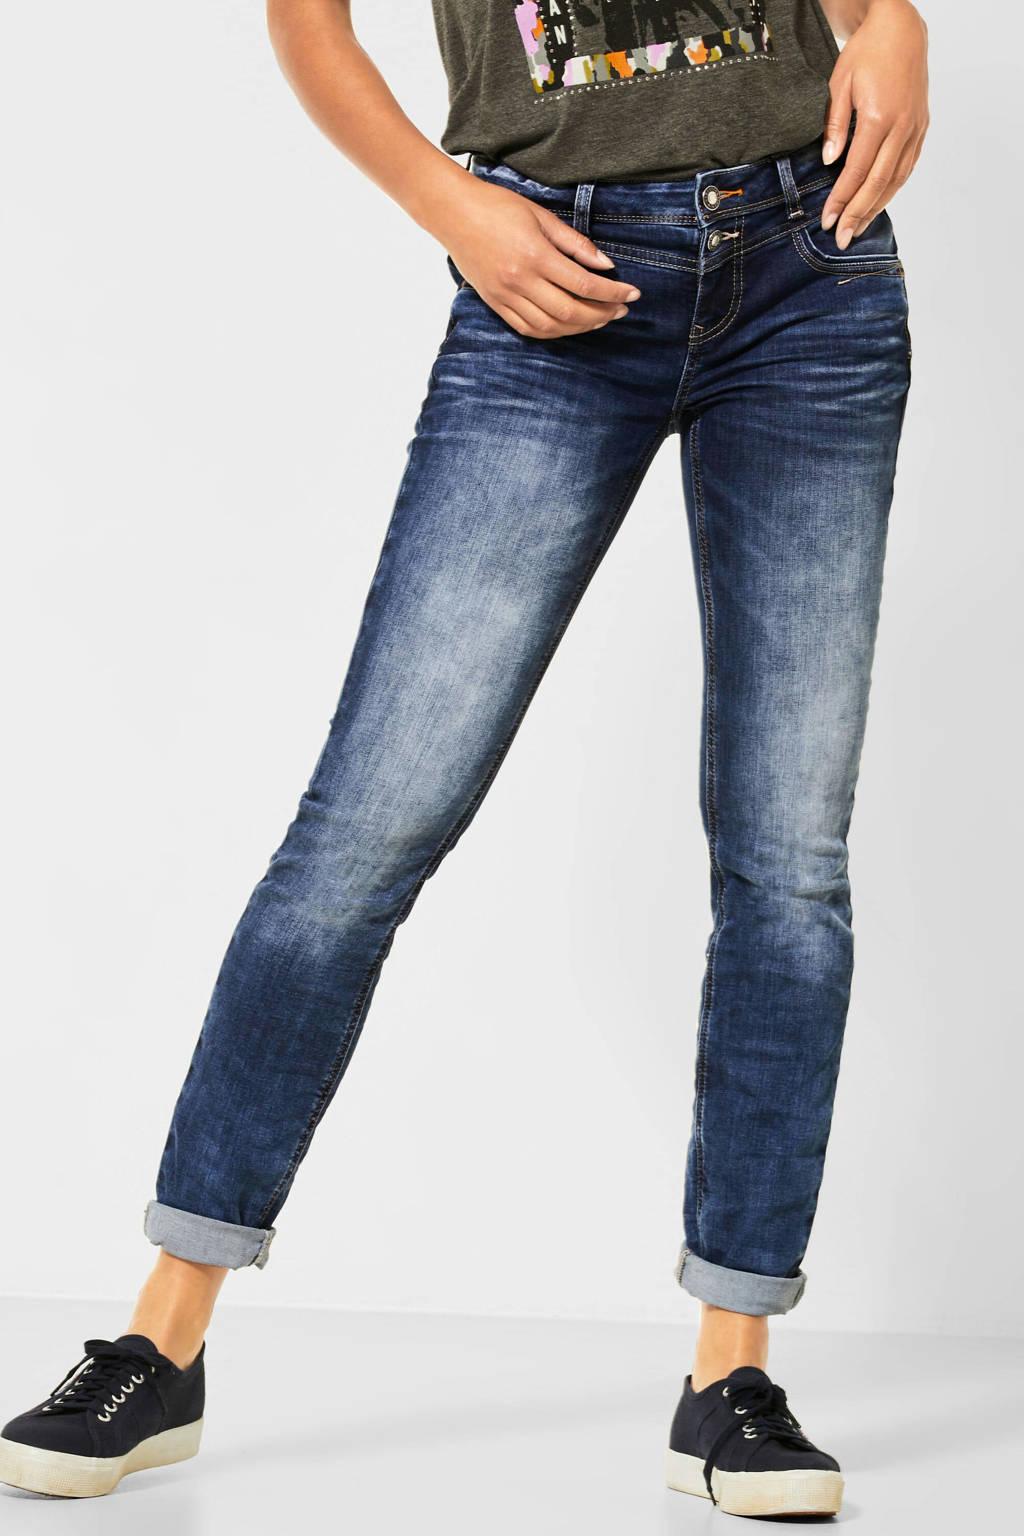 Street One low waist regular fit jeans Jane donkerblauw, Dark denim stonewashed